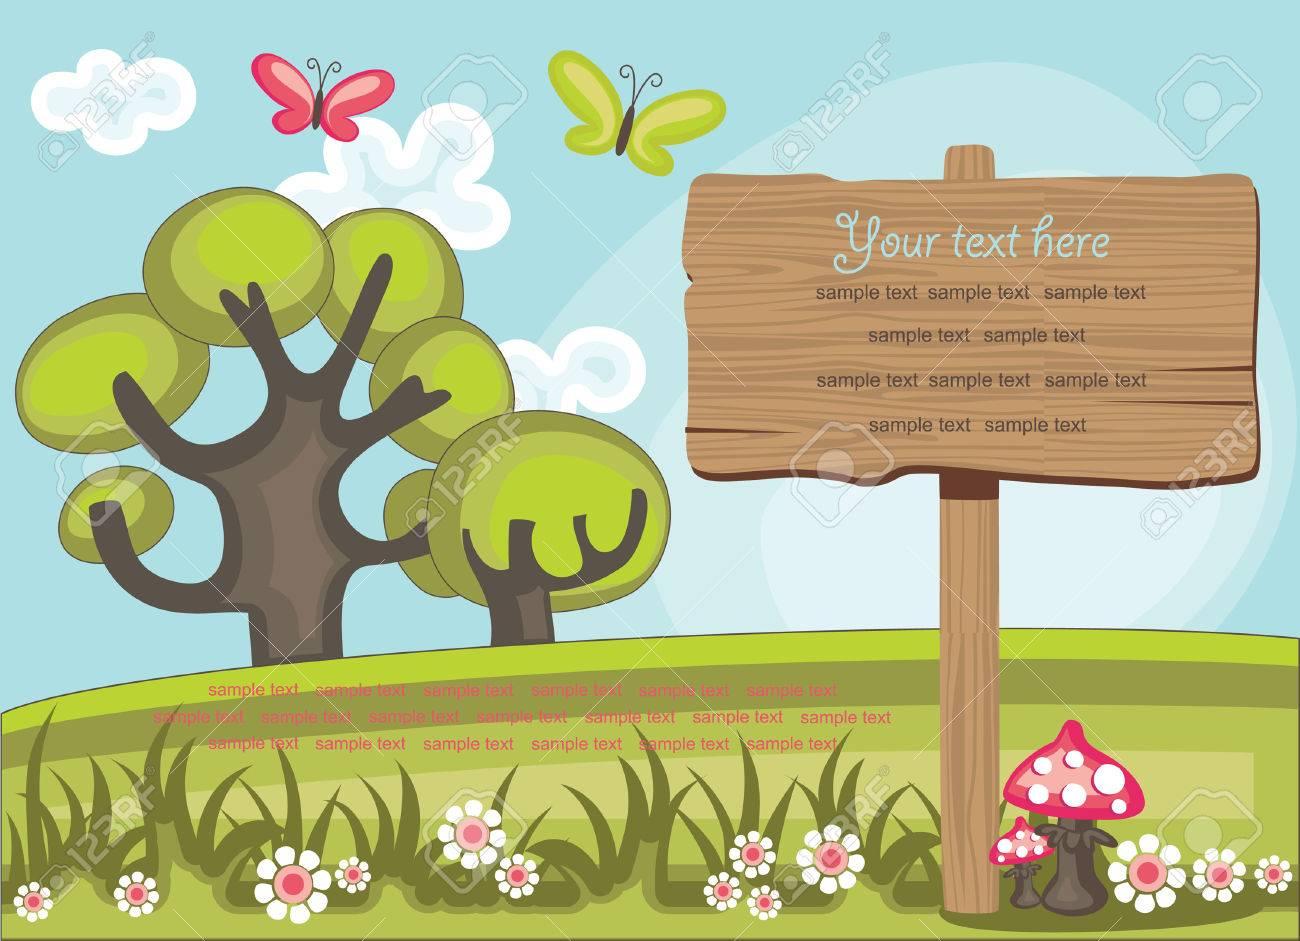 かわいい自然シーンのイラストの上に木の板のイラスト素材ベクタ